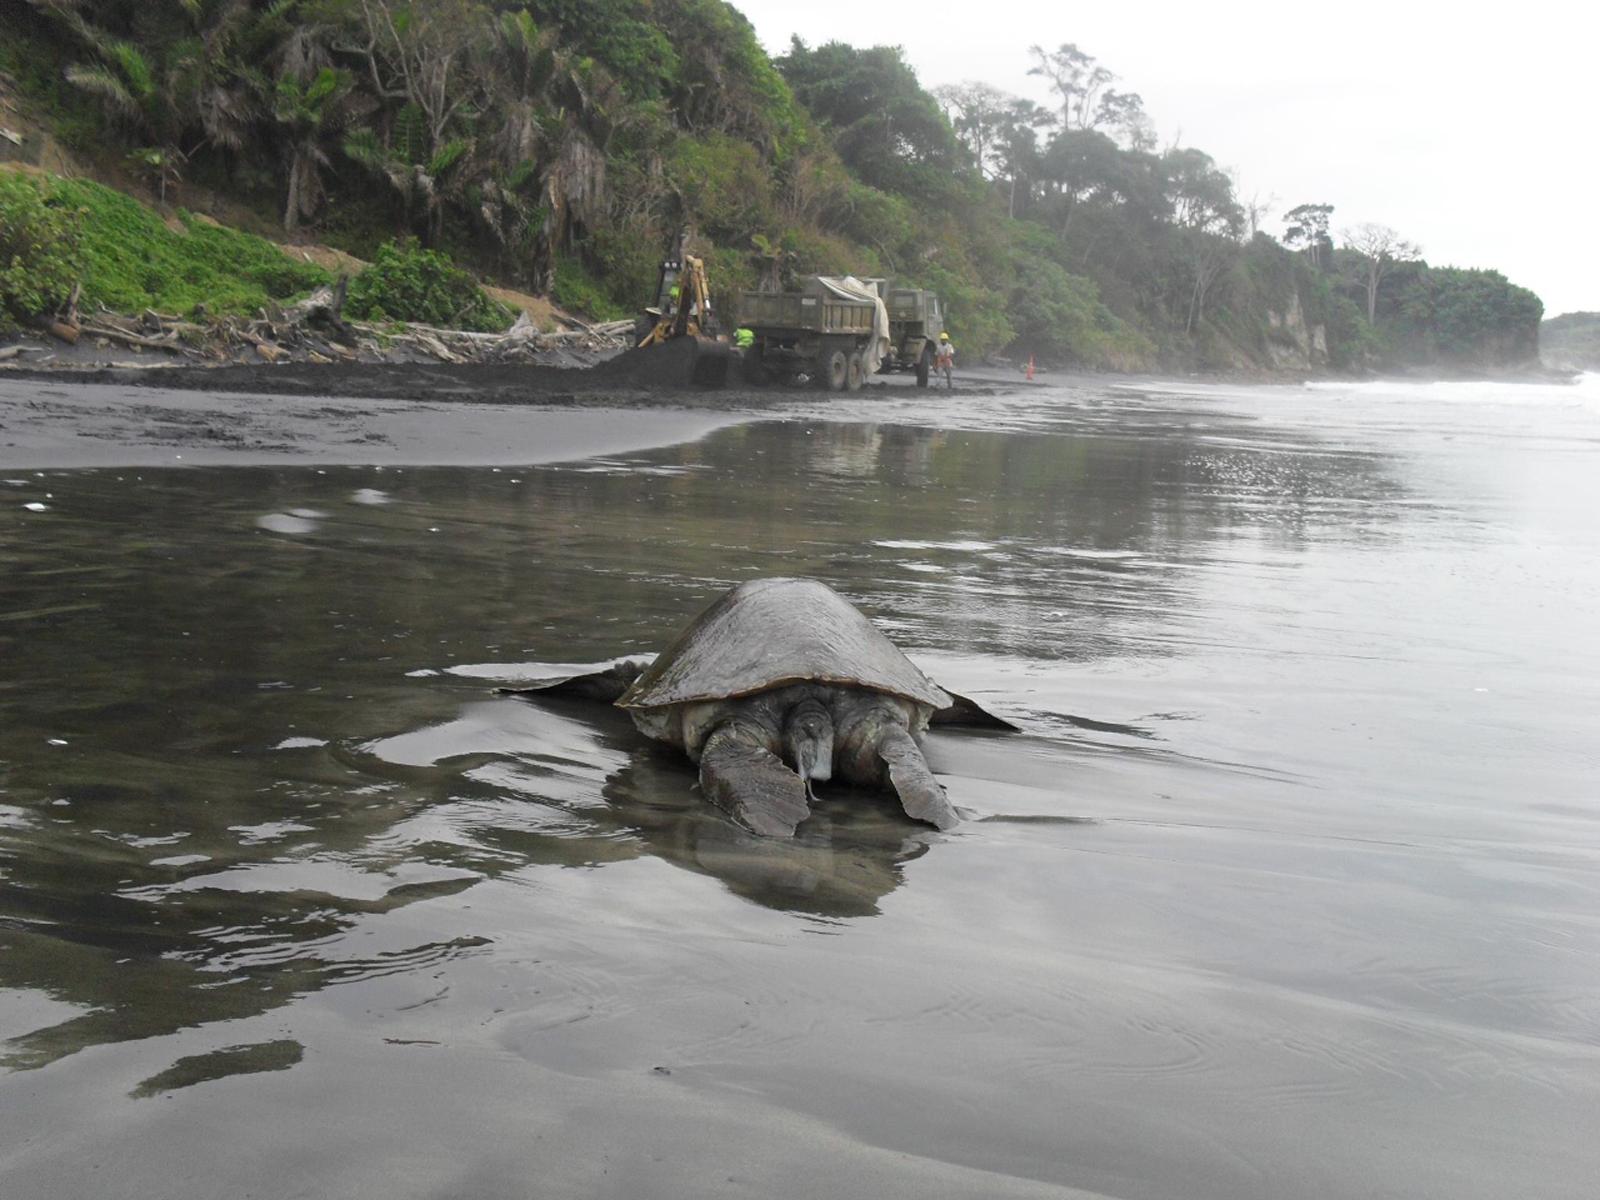 Según un informe de la ONG Acción Ecológica, la minería en Playa Negra destruye el hábitat de la tortuga Carey. Foto: Comuna de Mompiche.